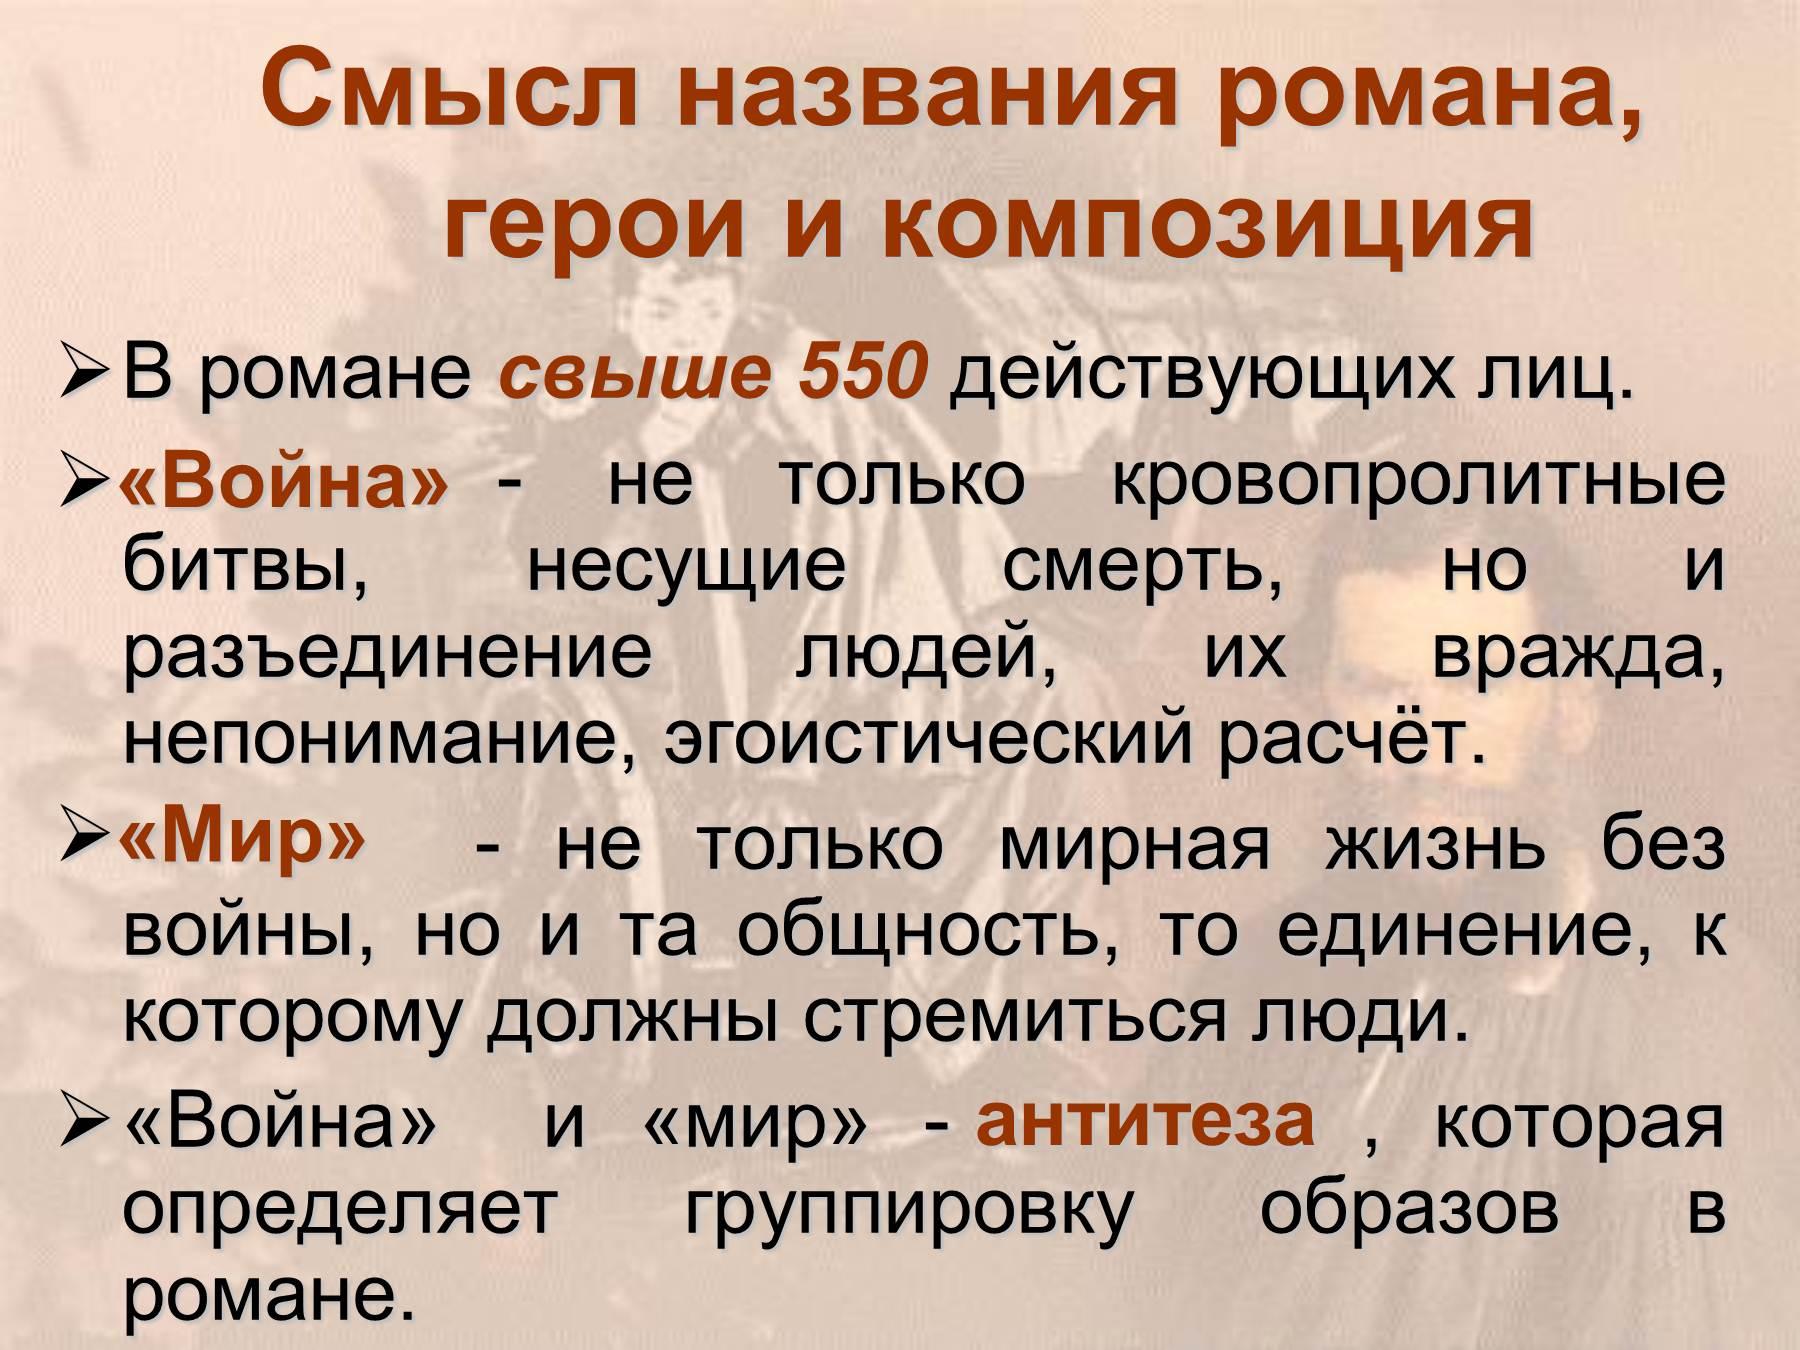 Образ княжны марьи в романа война и мир лтолстова